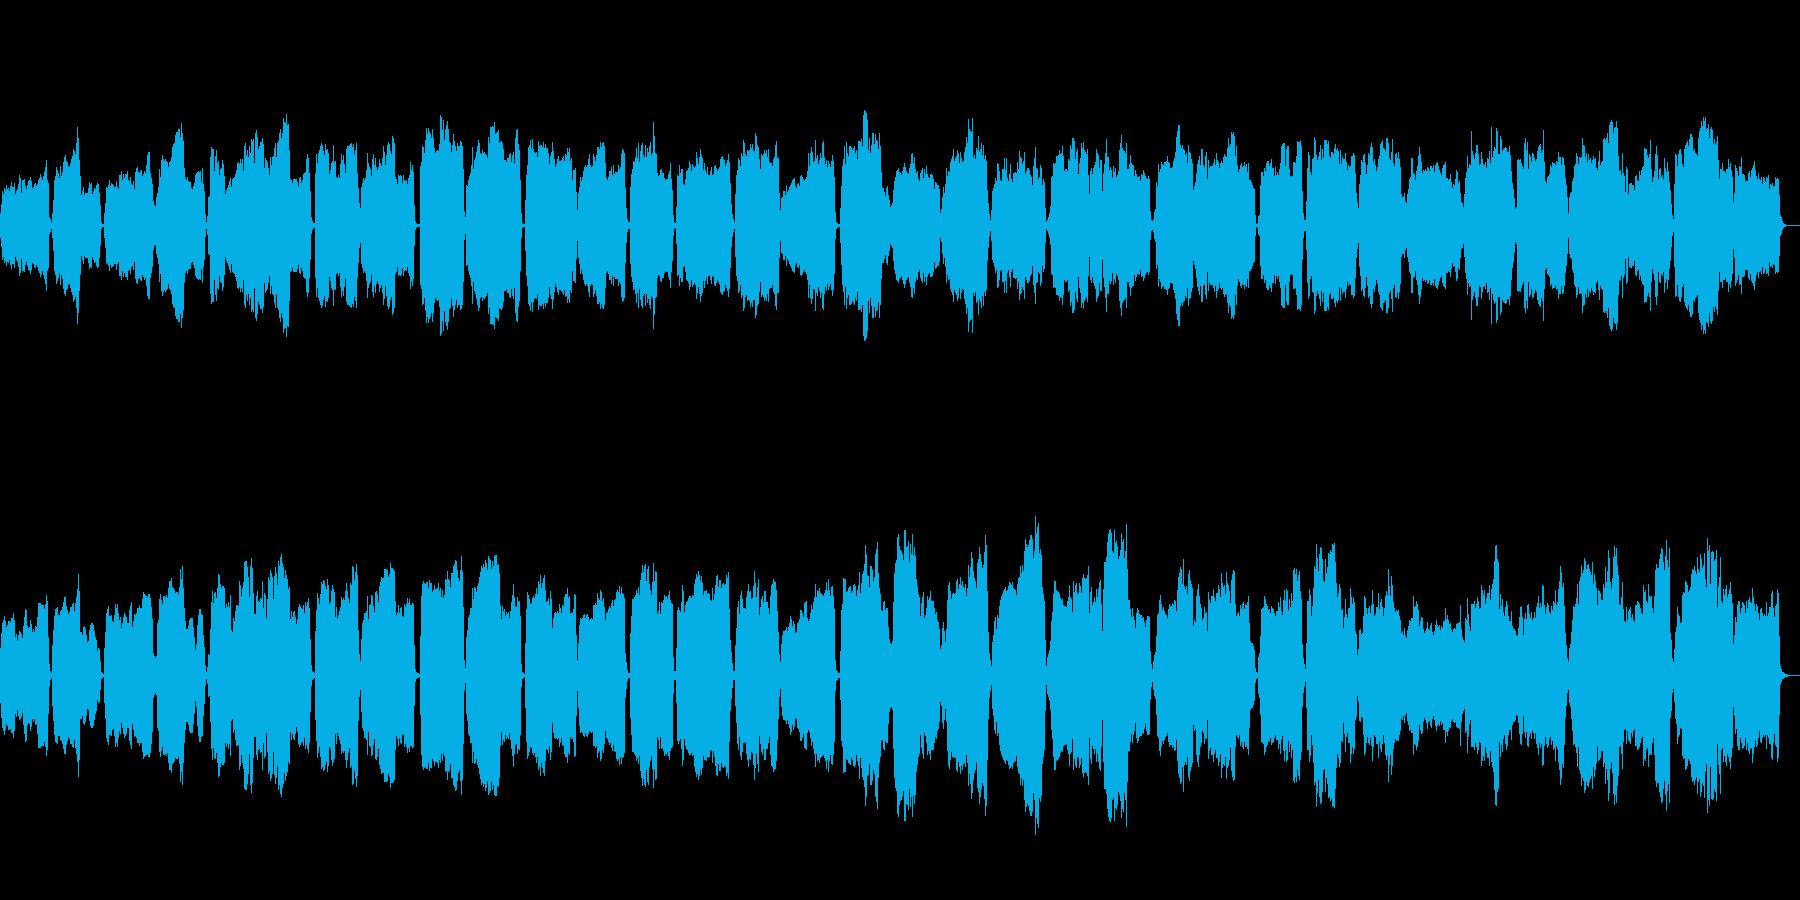 吹奏楽器のみで構成したとても悲しい人の…の再生済みの波形